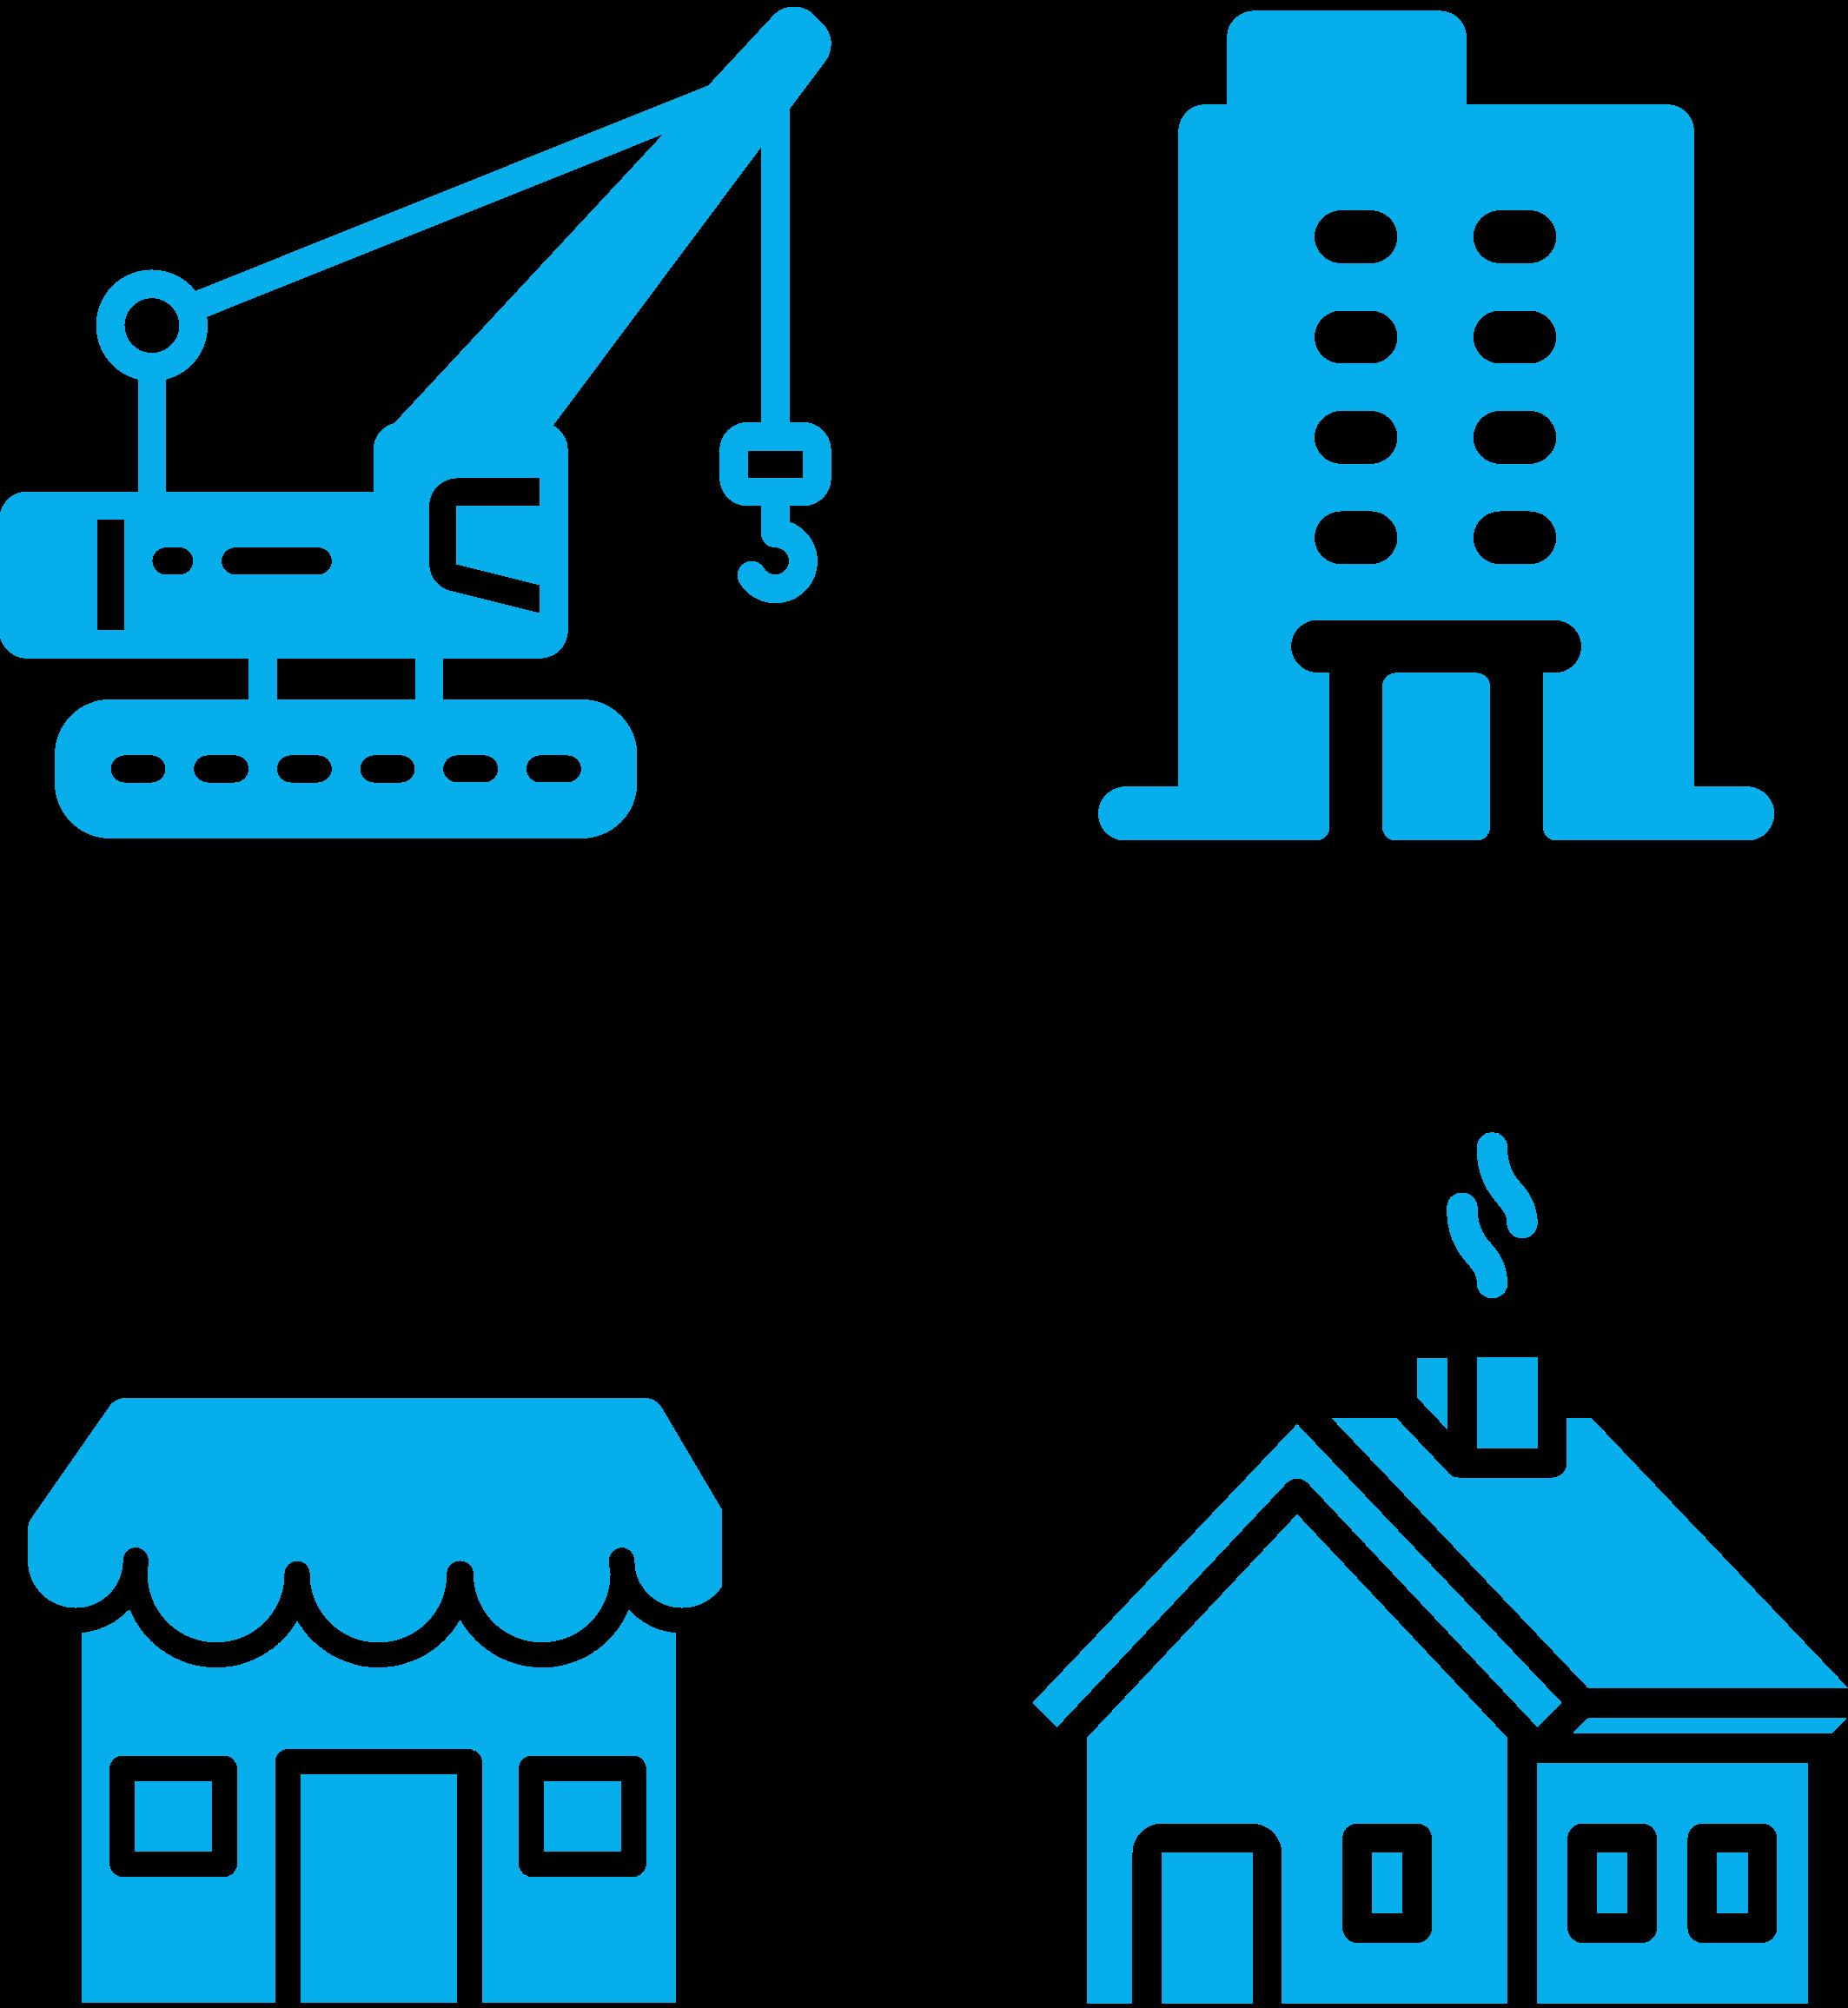 Beveiliging en bescherming van uw woning, bedrijf, kantoorgebouw en werktuigen